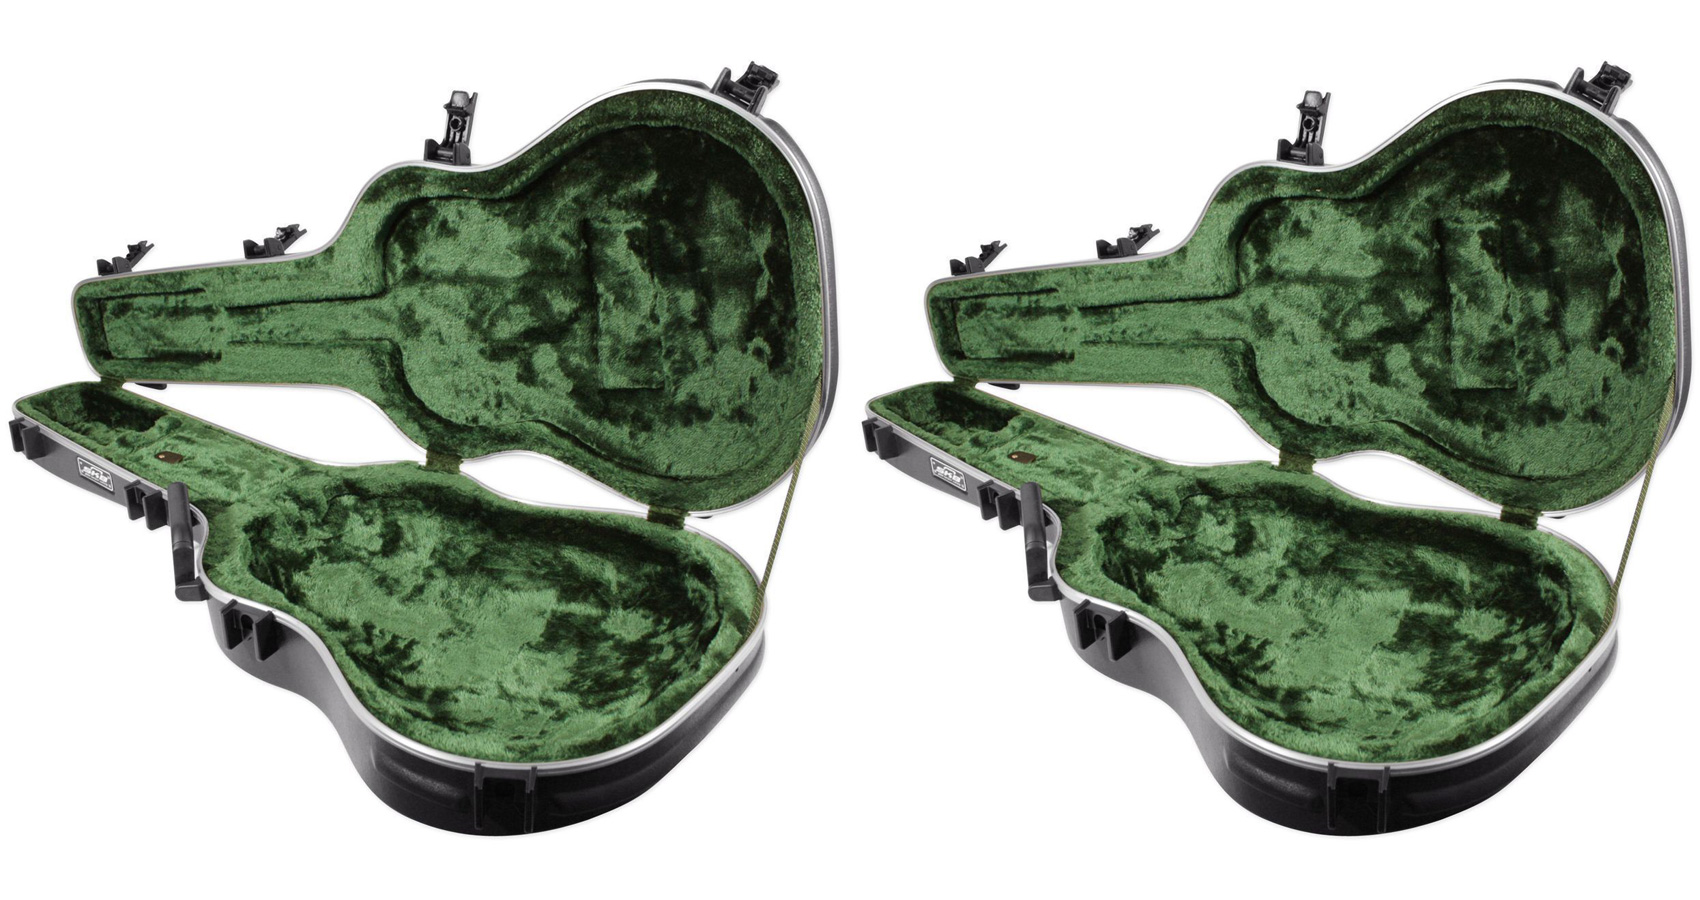 (2) SKB 1SKB-16 Ovation Shaped Roundback Guitar Hard Cases by SKB